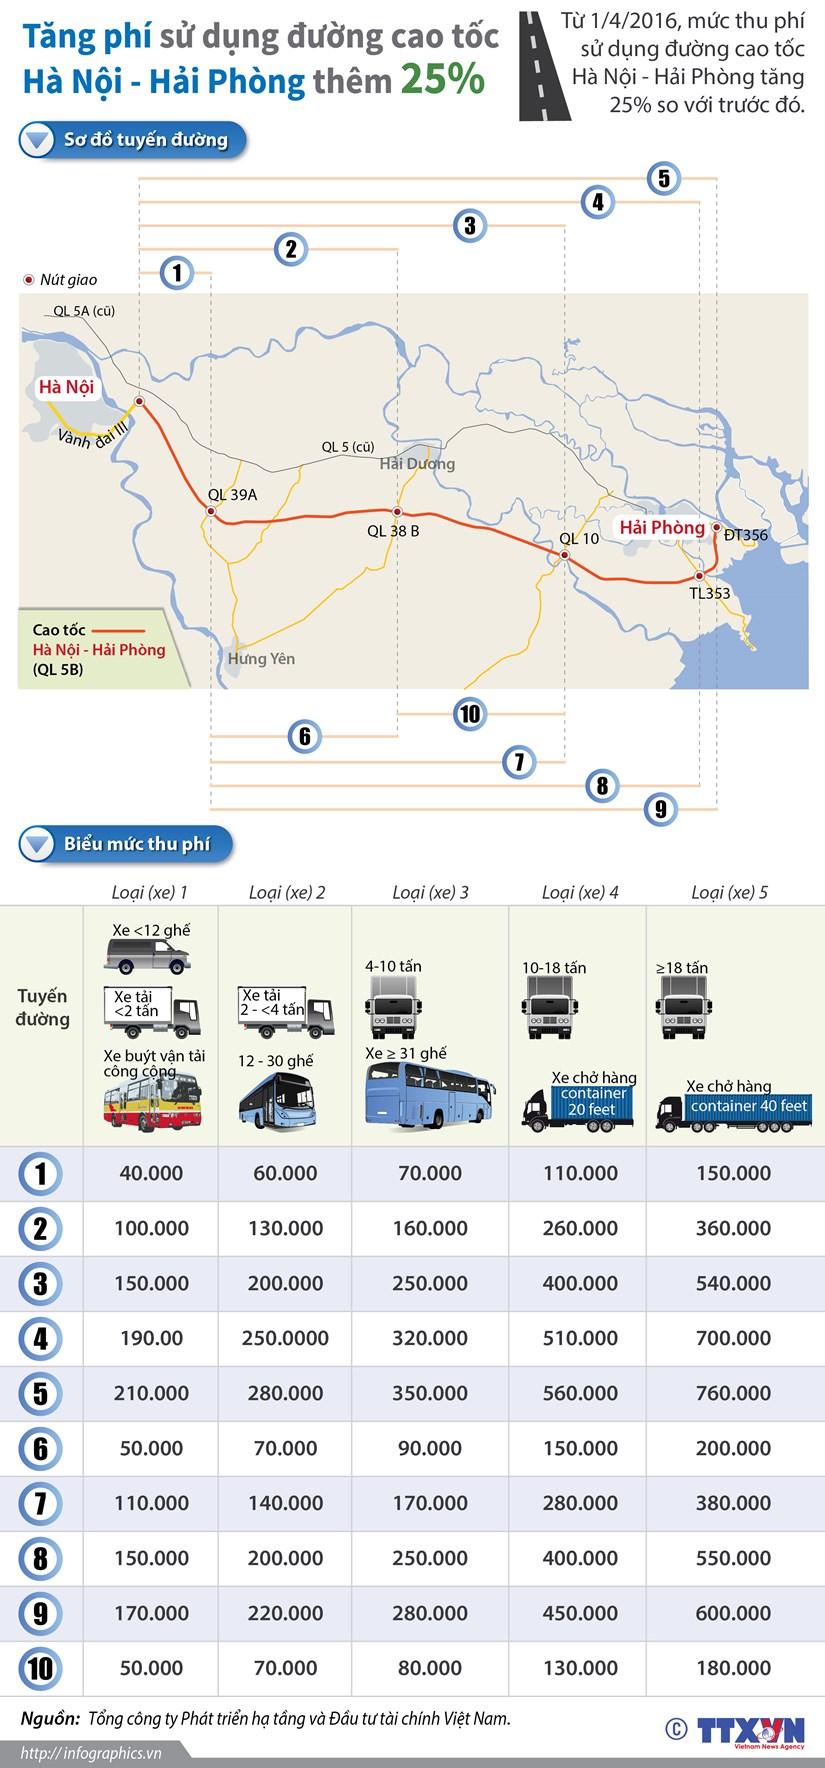 [Infographics] Tang phi su dung duong cao toc Ha Noi - Hai Phong hinh anh 1